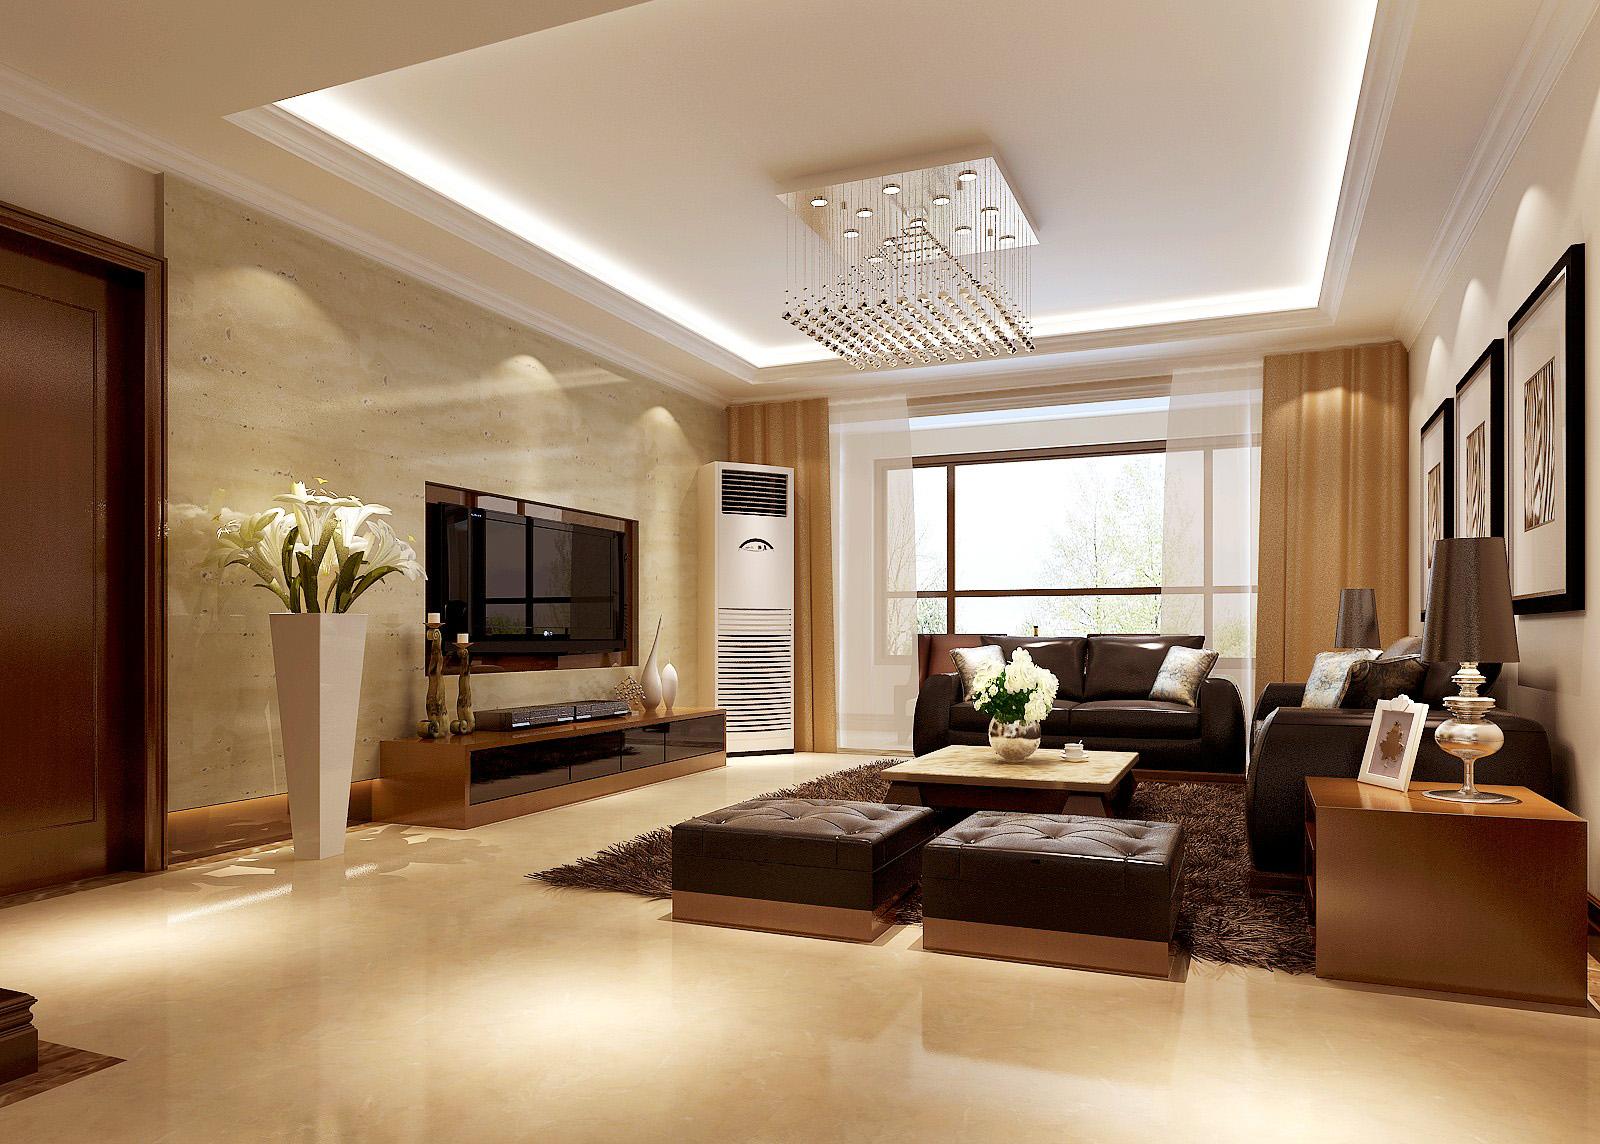 香悦四季 高度国际 欧式 简约 别墅 公寓 平层 白领 小资 客厅图片来自北京高度国际装饰设计在香悦四季简欧风格平层公寓的分享